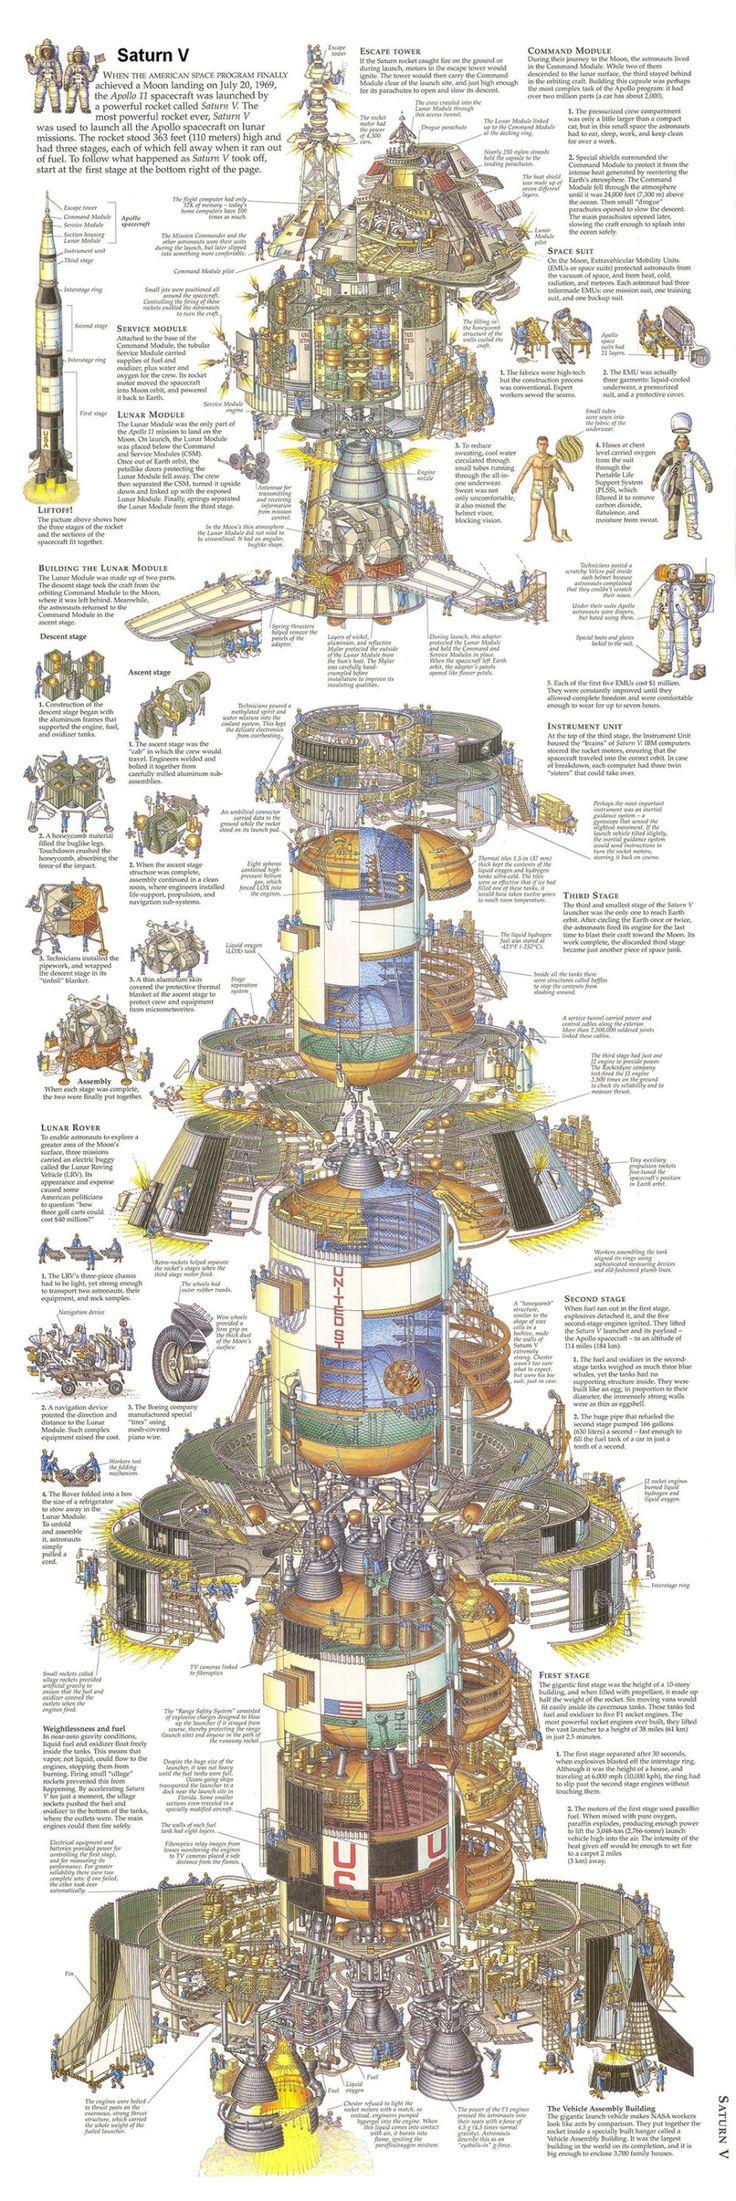 cross-section-of-Saturn-V-rocket